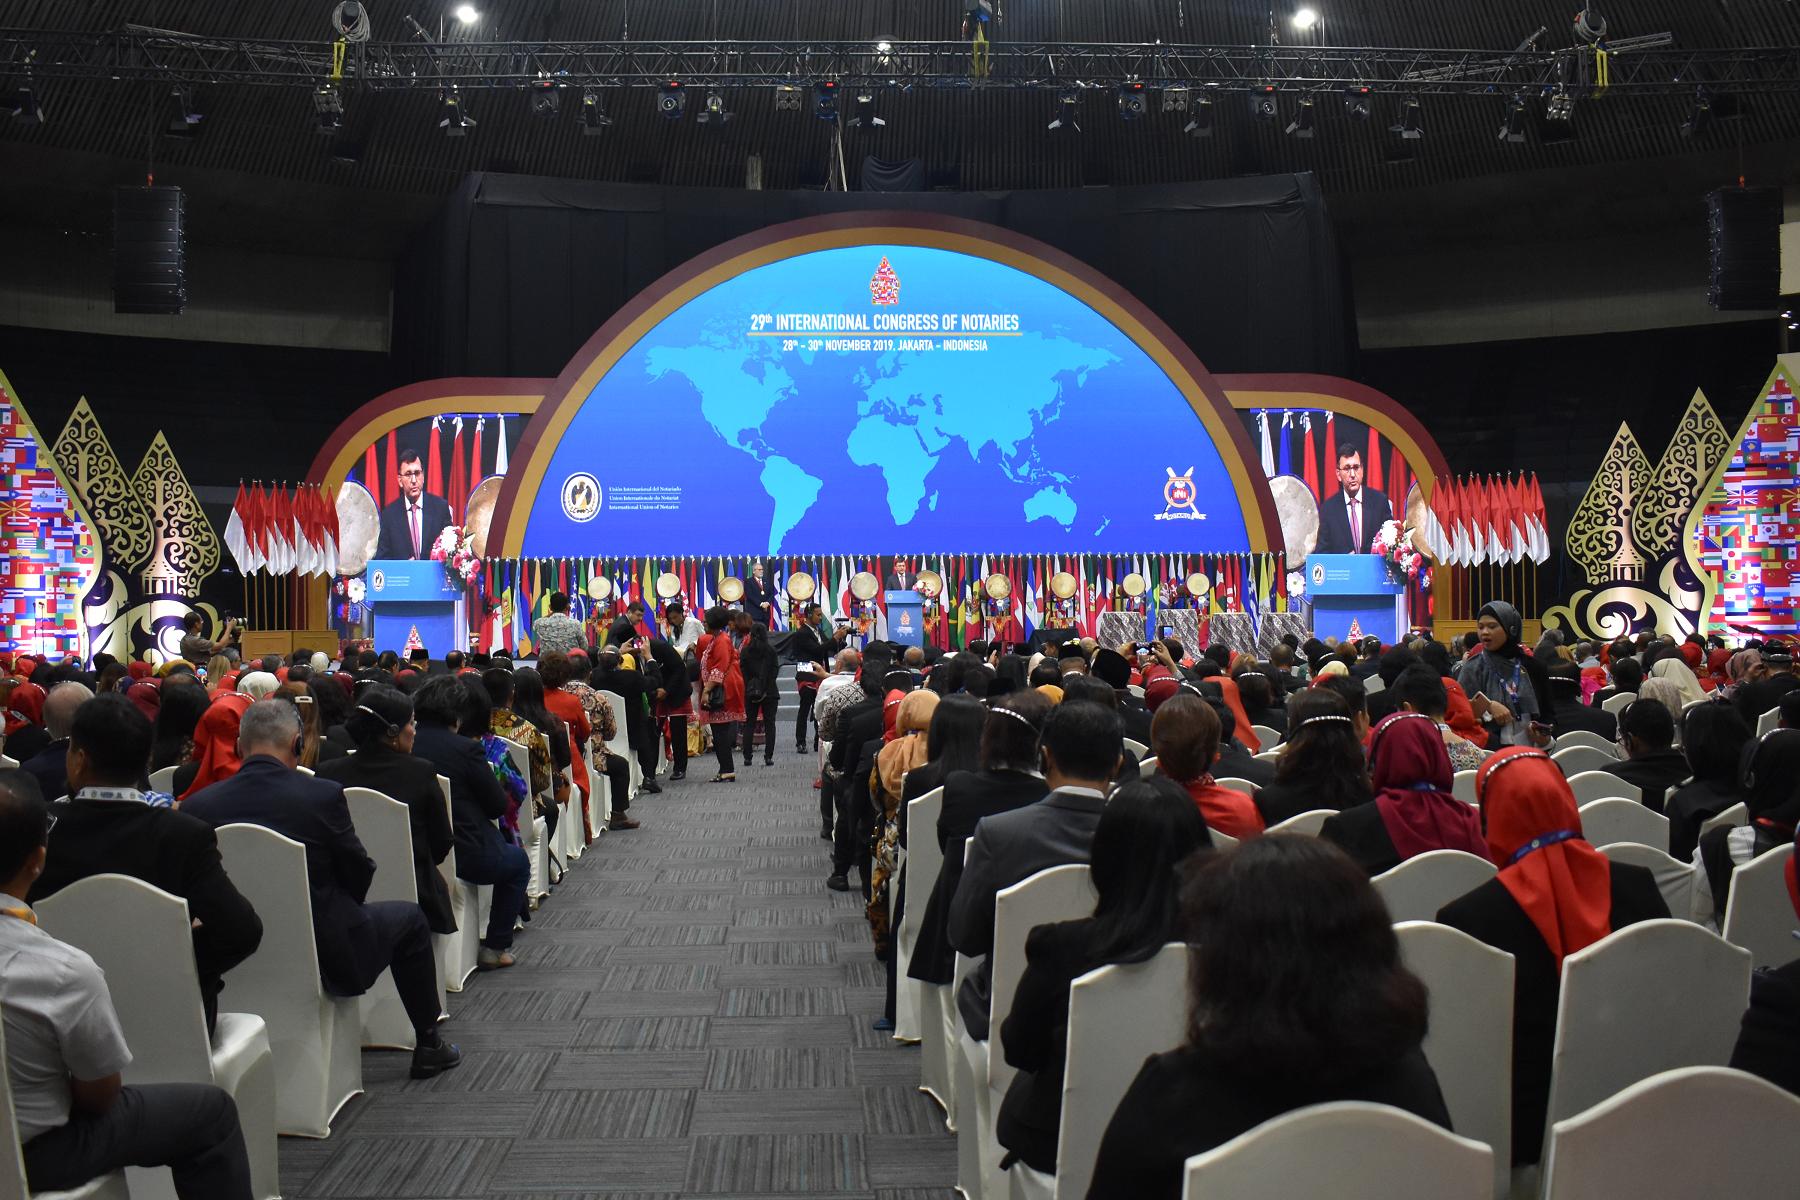 Abertura do 29º Congresso Internacional dos Notários é realizada na Indonésia